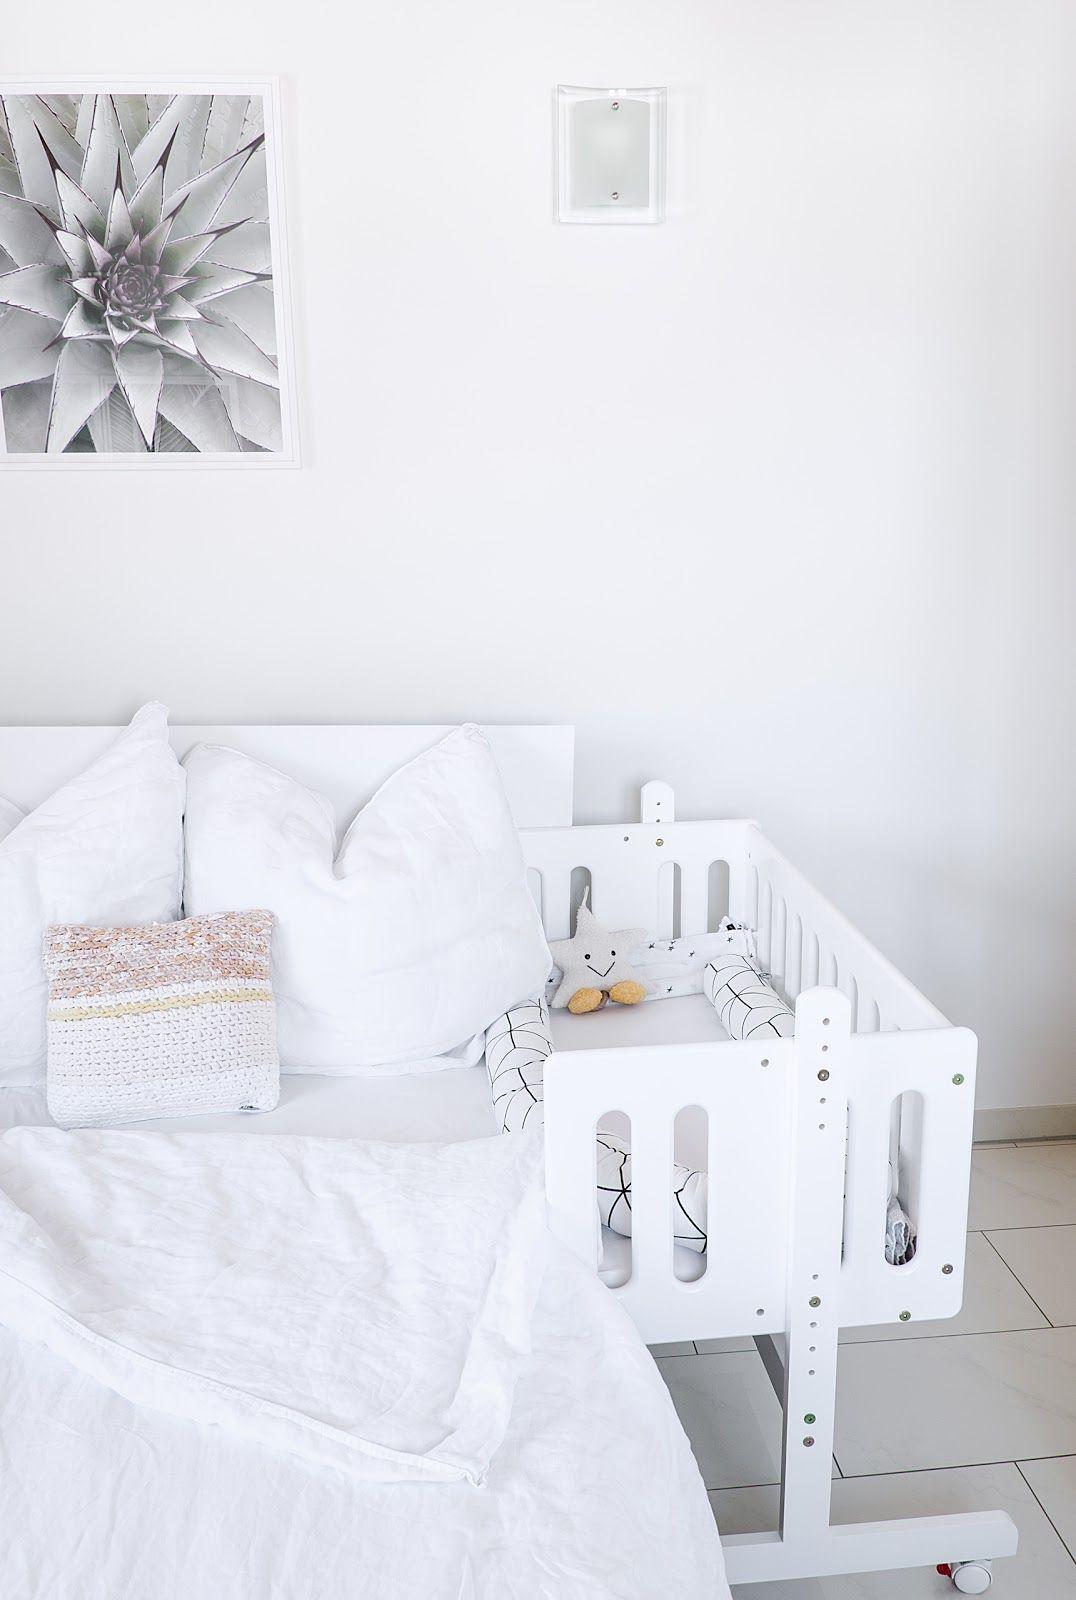 Achtet Bei Beistellbetten Auf Schimmel Beistellbett Bett Kleinkinderbett